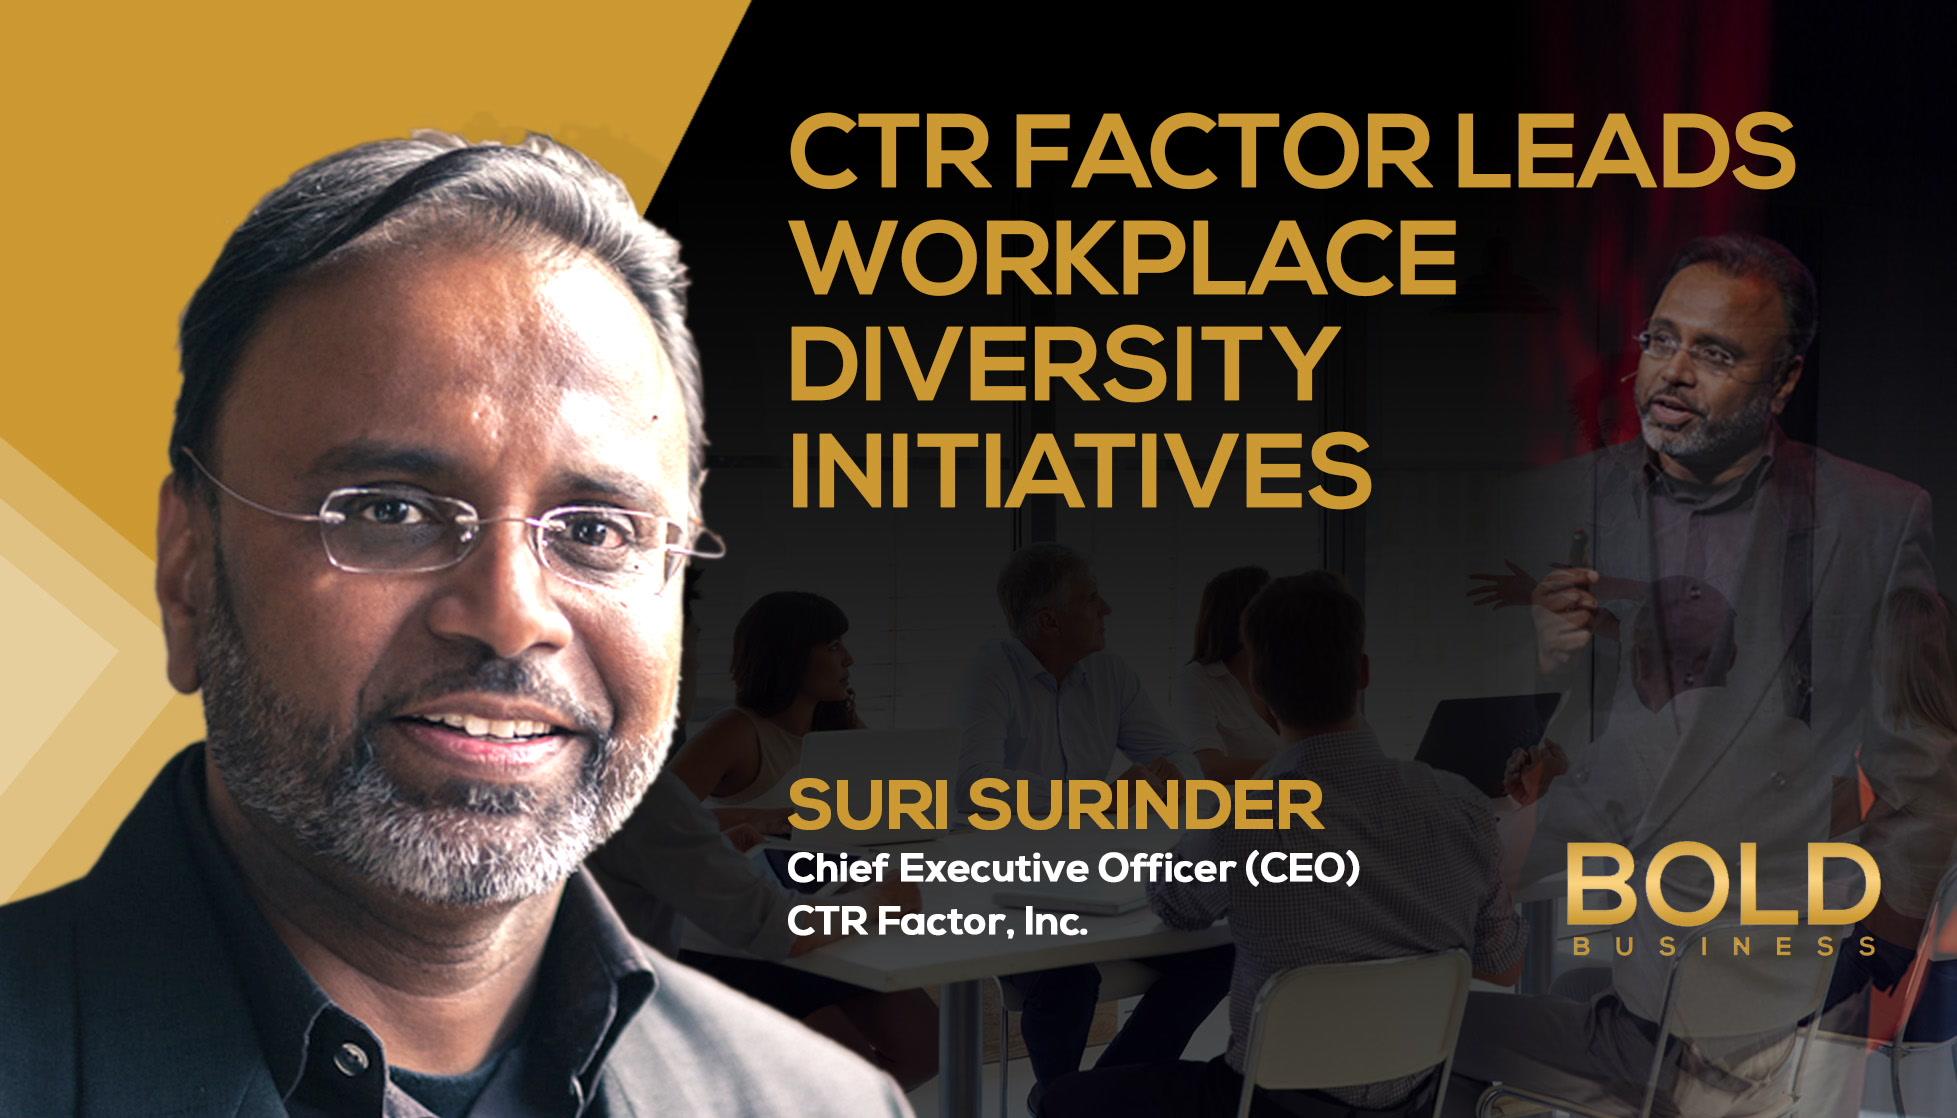 Suri Surinder: Diversity in the Workplace